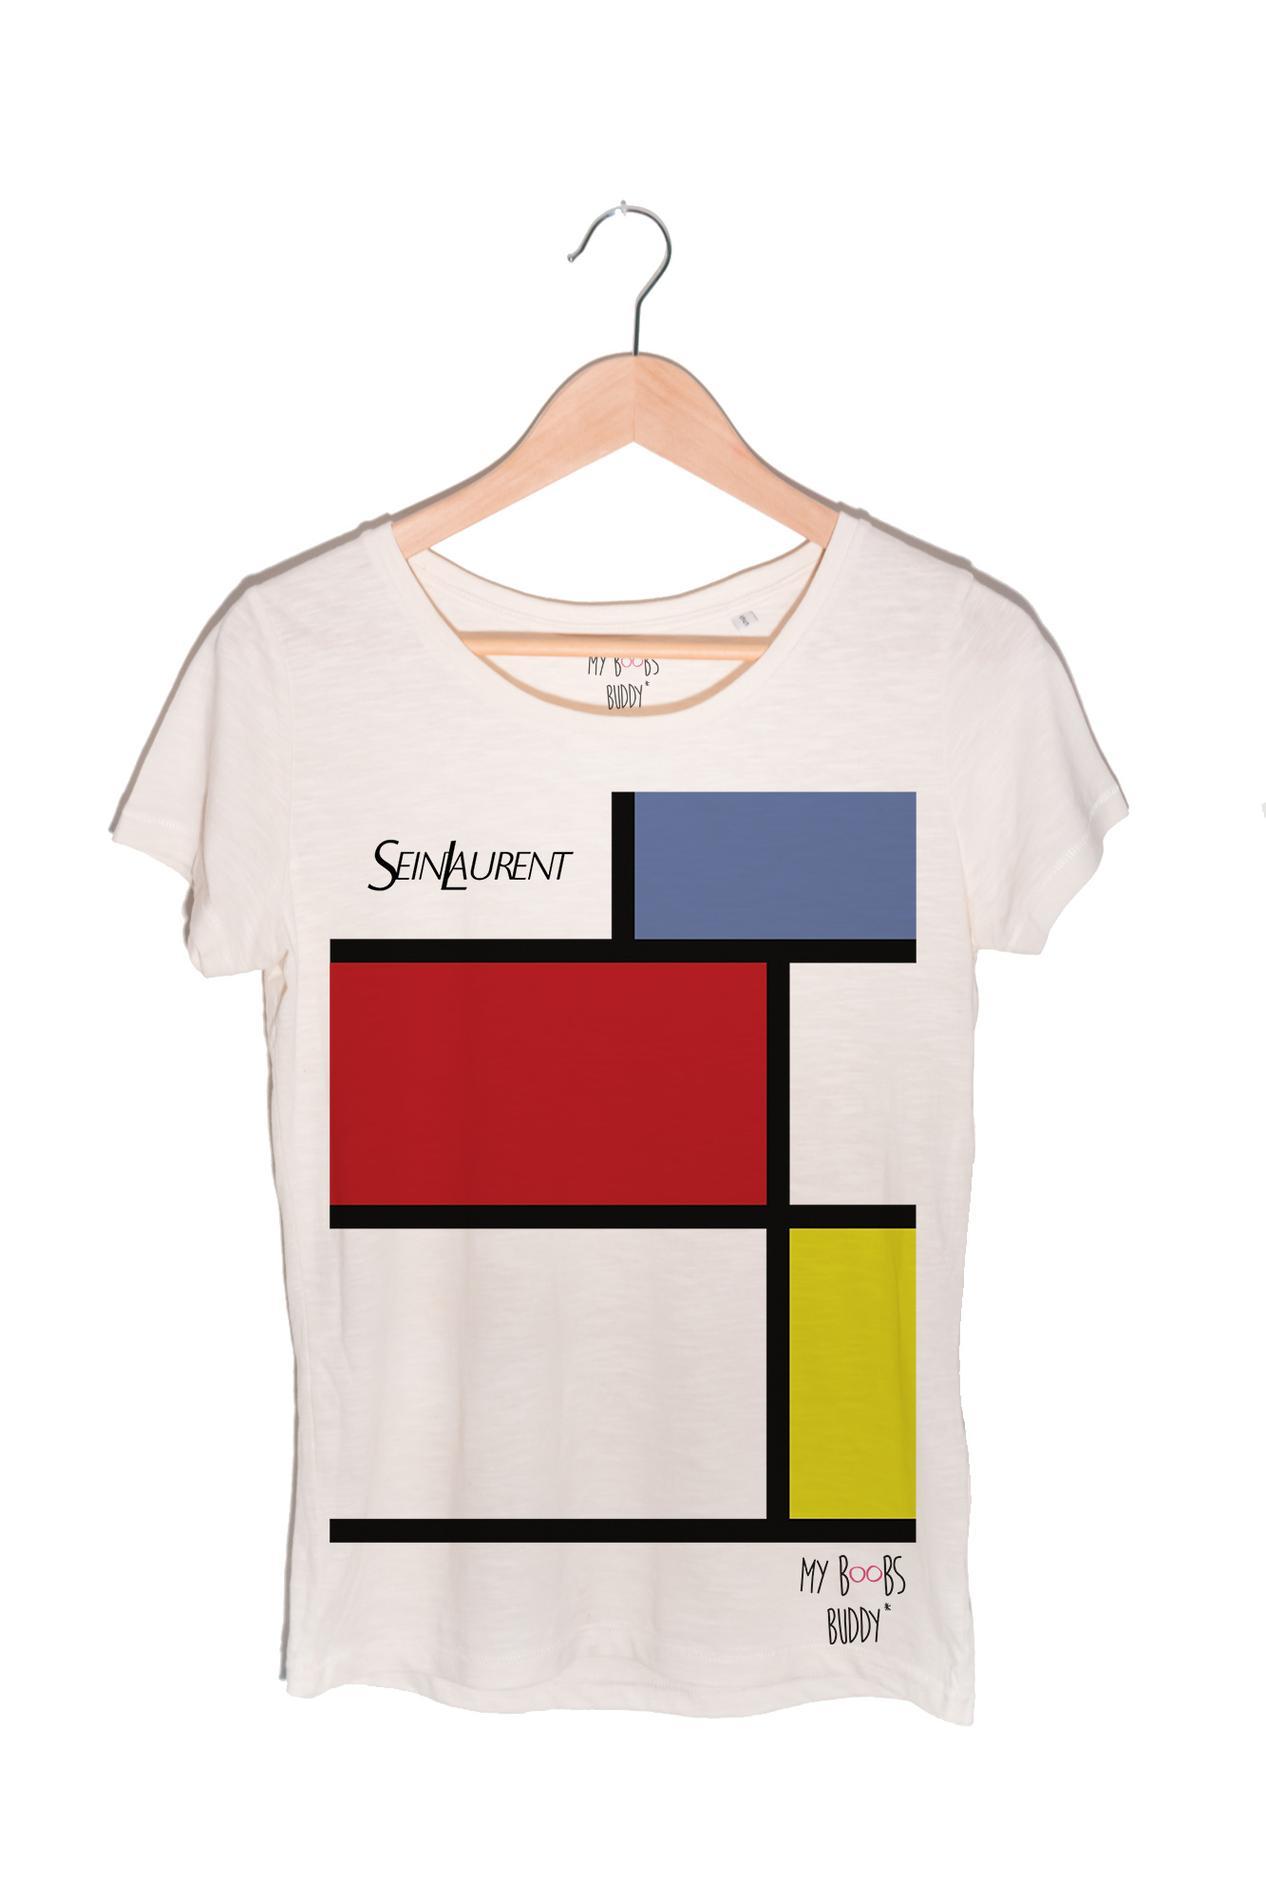 Offrez un T-shirt Sein Laurent pour la bonne cause ! - Madame Figaro 3cff0ca6c49